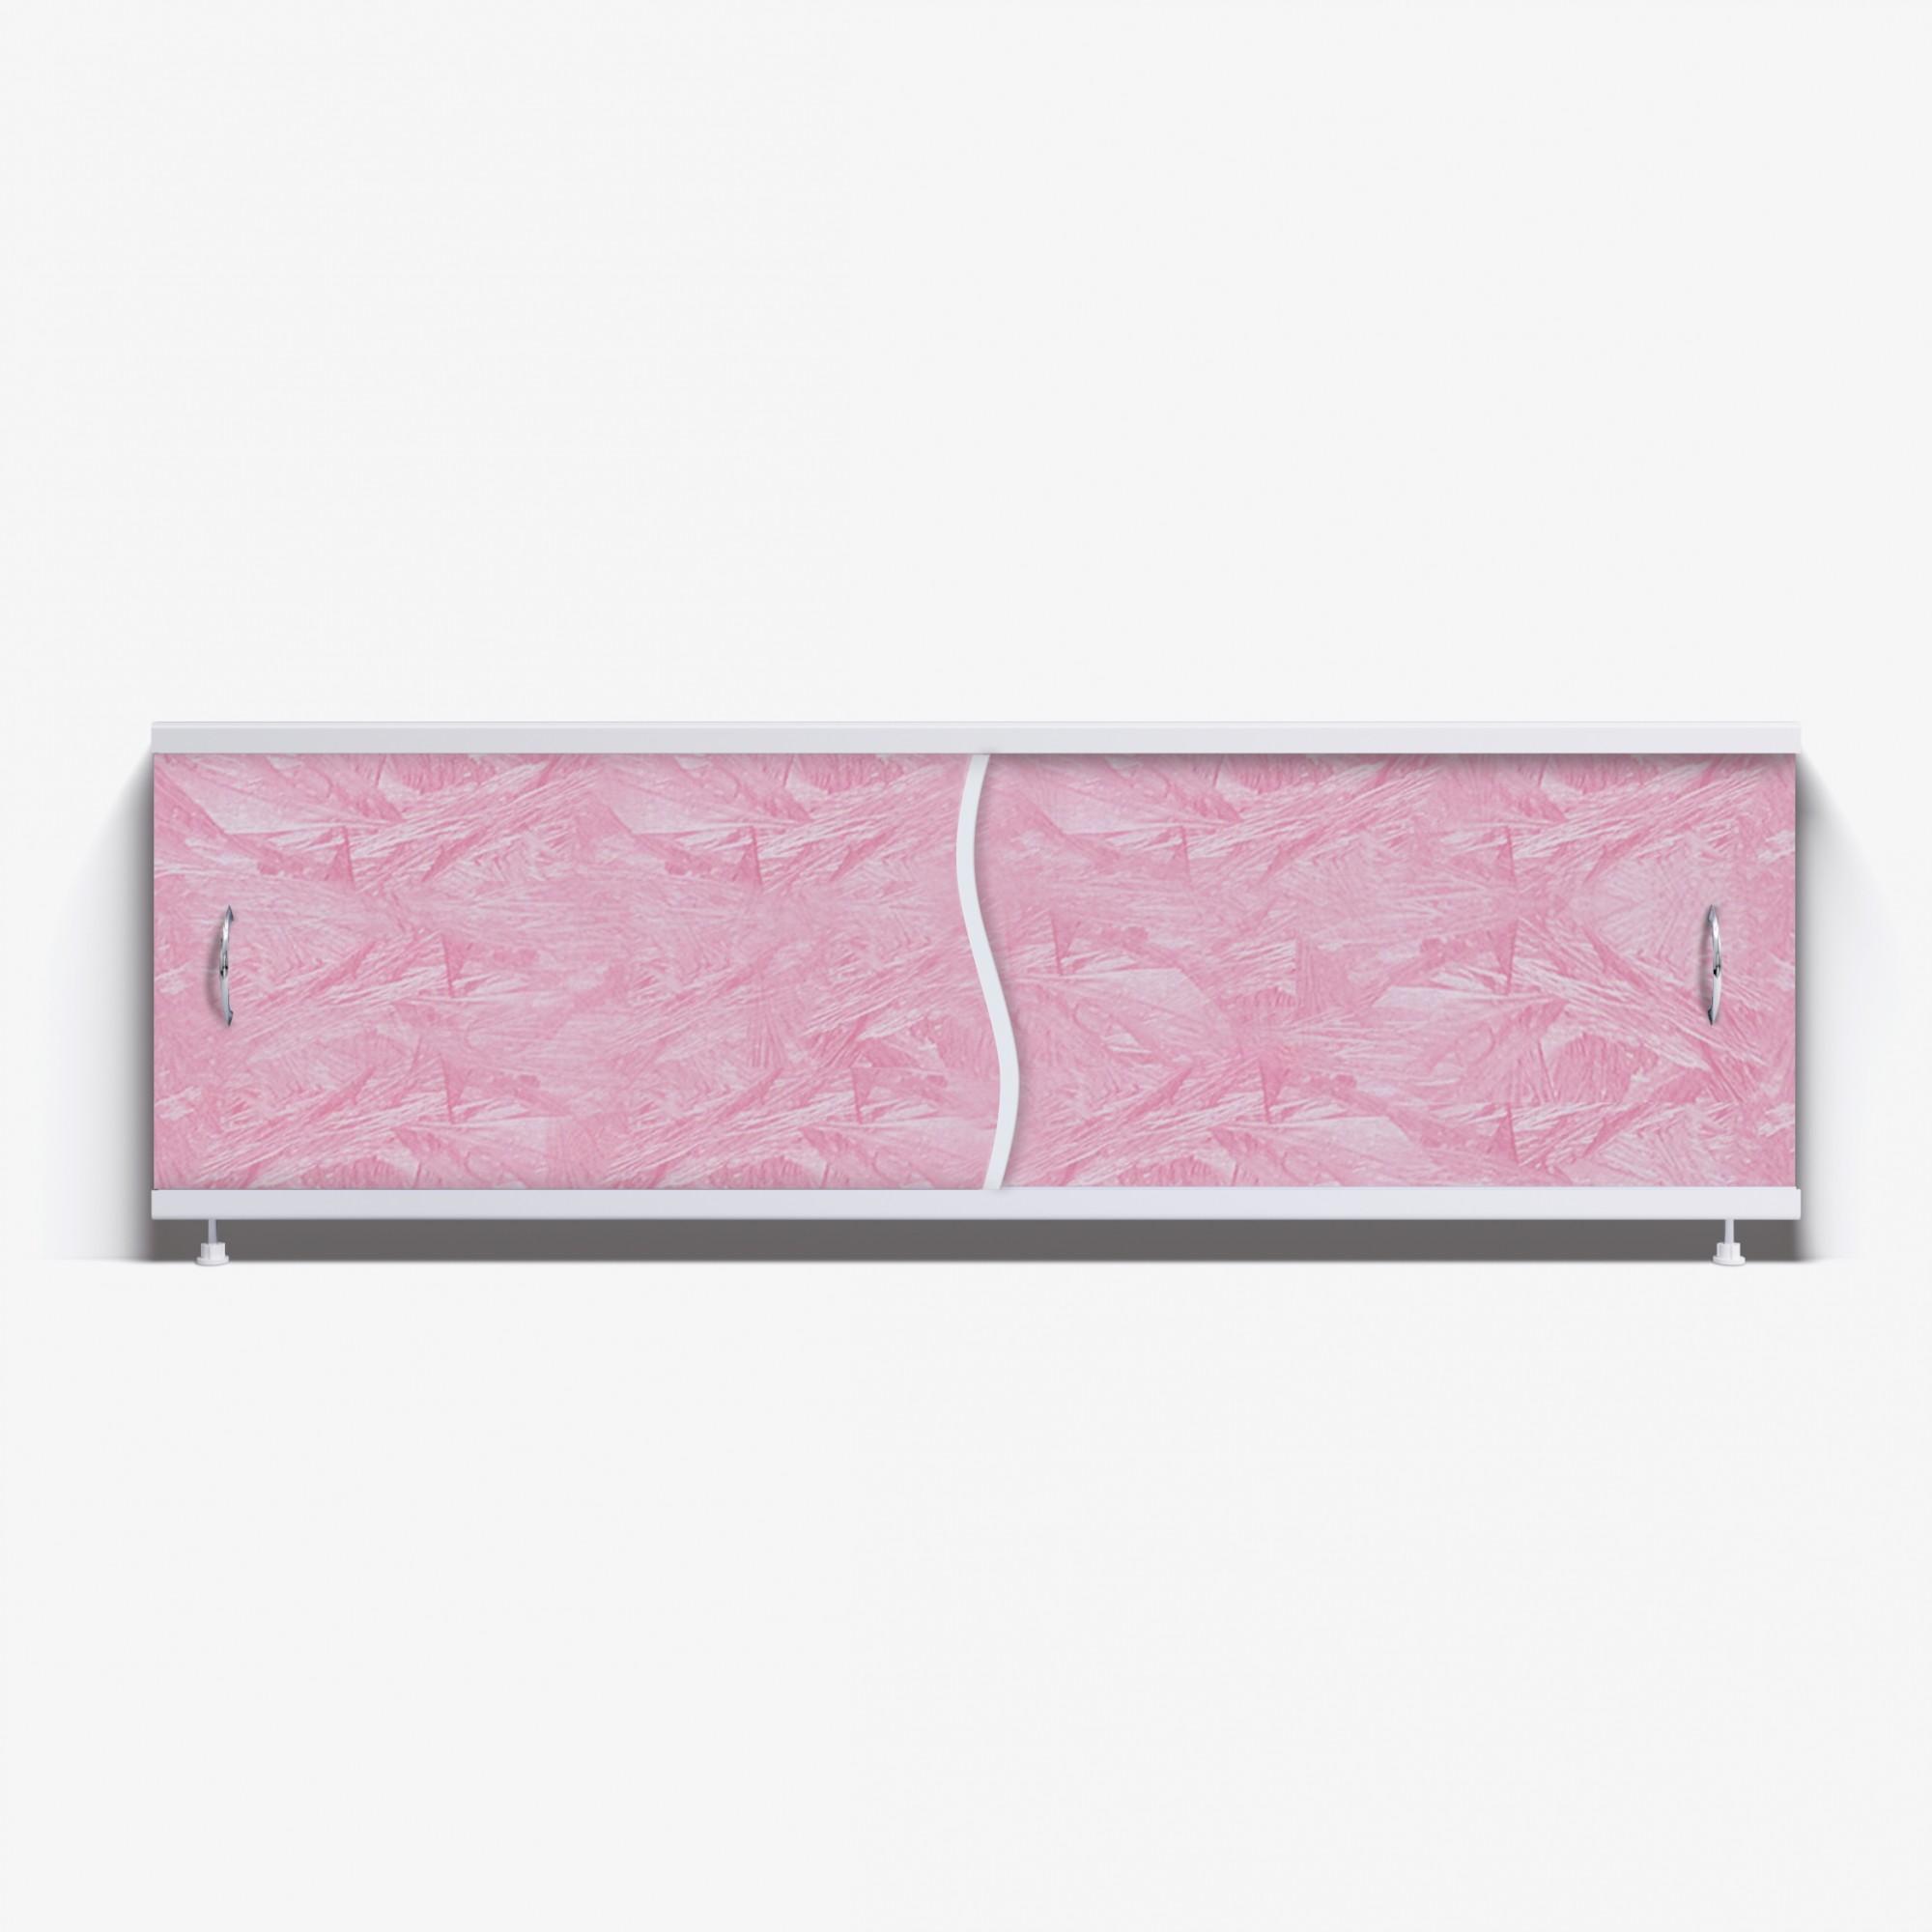 Экран под ванну Премьер 170 розовый мороз